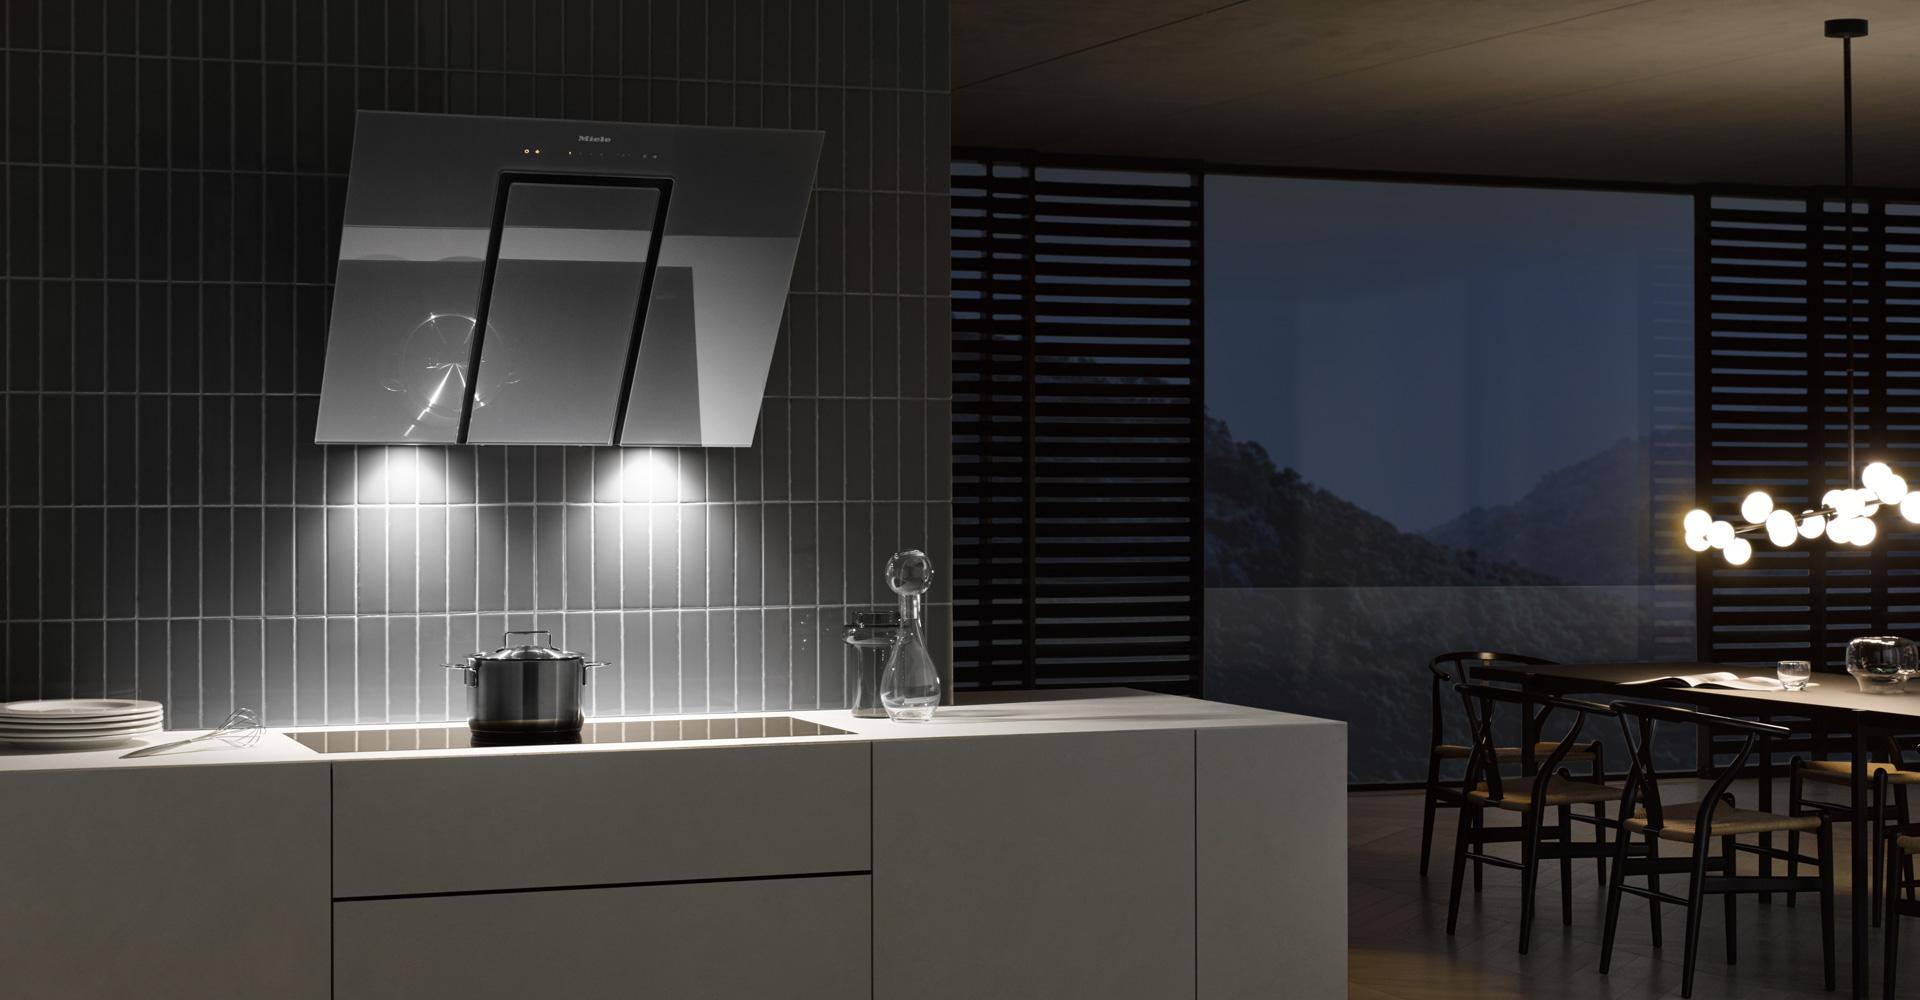 Waschmaschinenschrank Toplader : Waschmaschine toplader in küche integrieren kosten arbeitsplatte